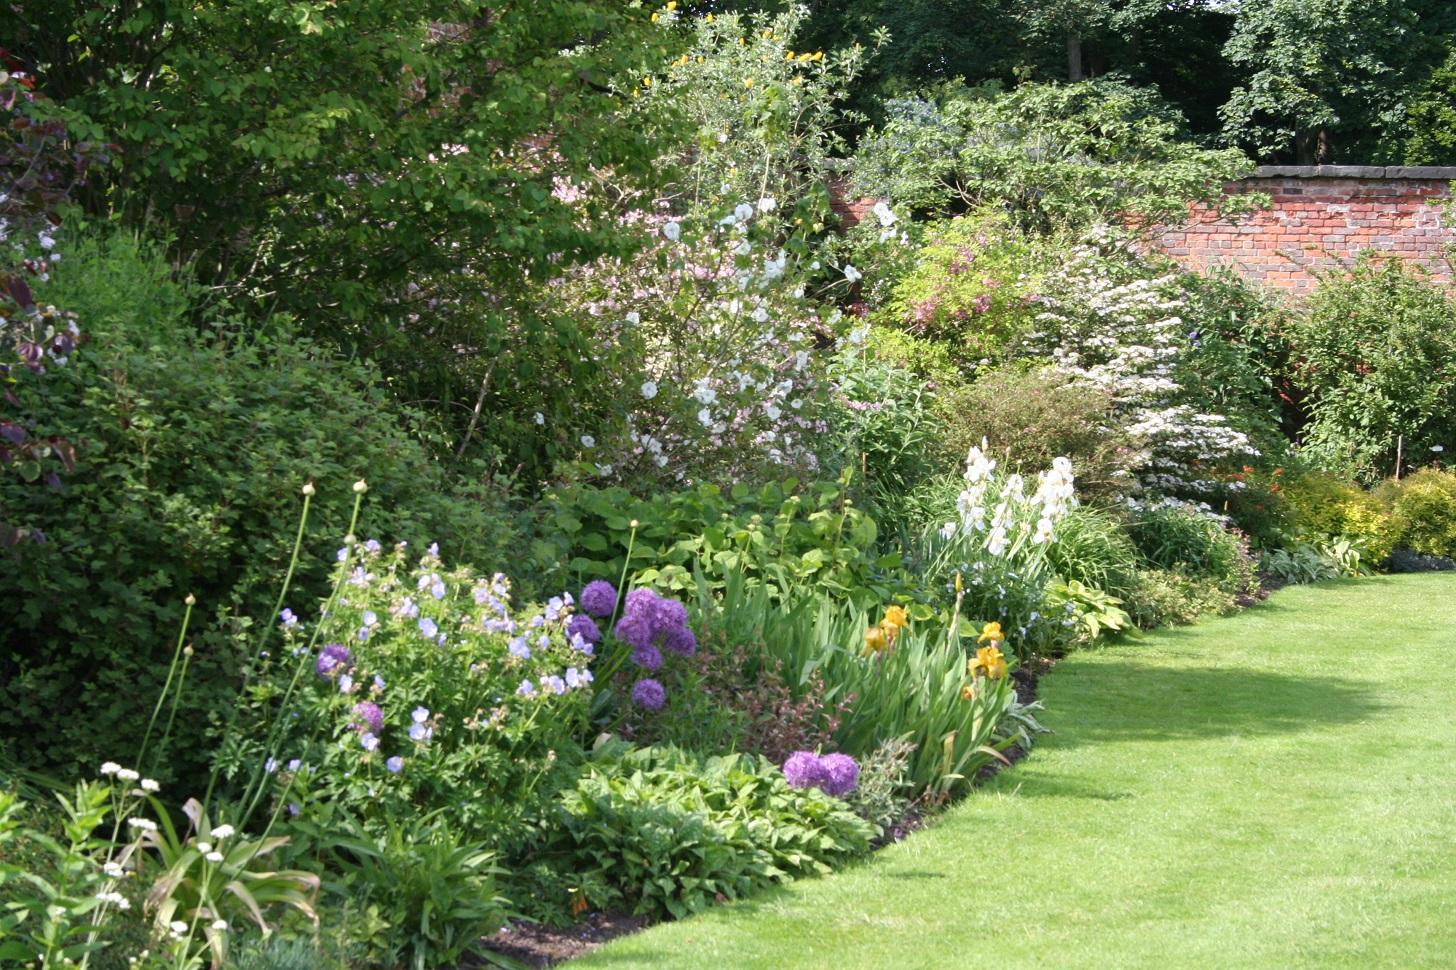 Comment Aménager Son Jardin En Pente 15 points-clés pour réussir un nouveau massif | gamm vert